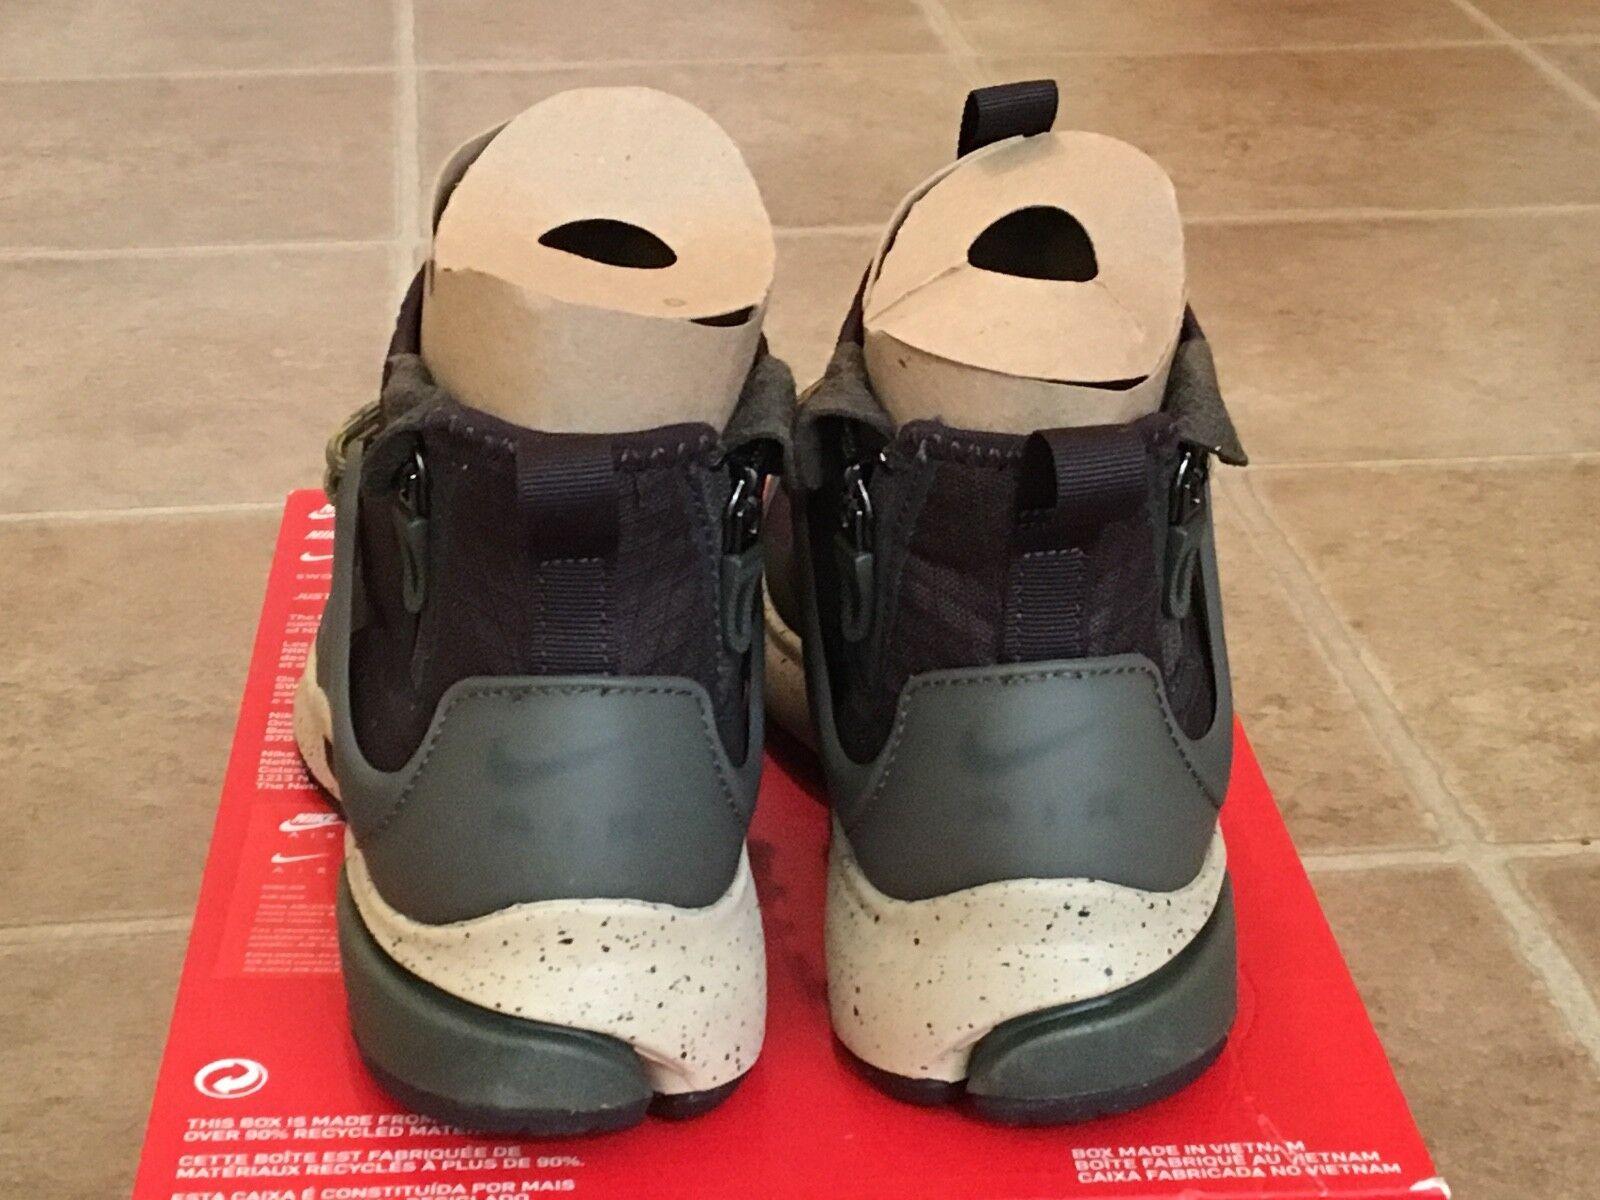 Nike Air Presto Mid Utility Utility Utility Velvet Brown Cargo Khaki 859524 200 Men's Sz. 6 f96531